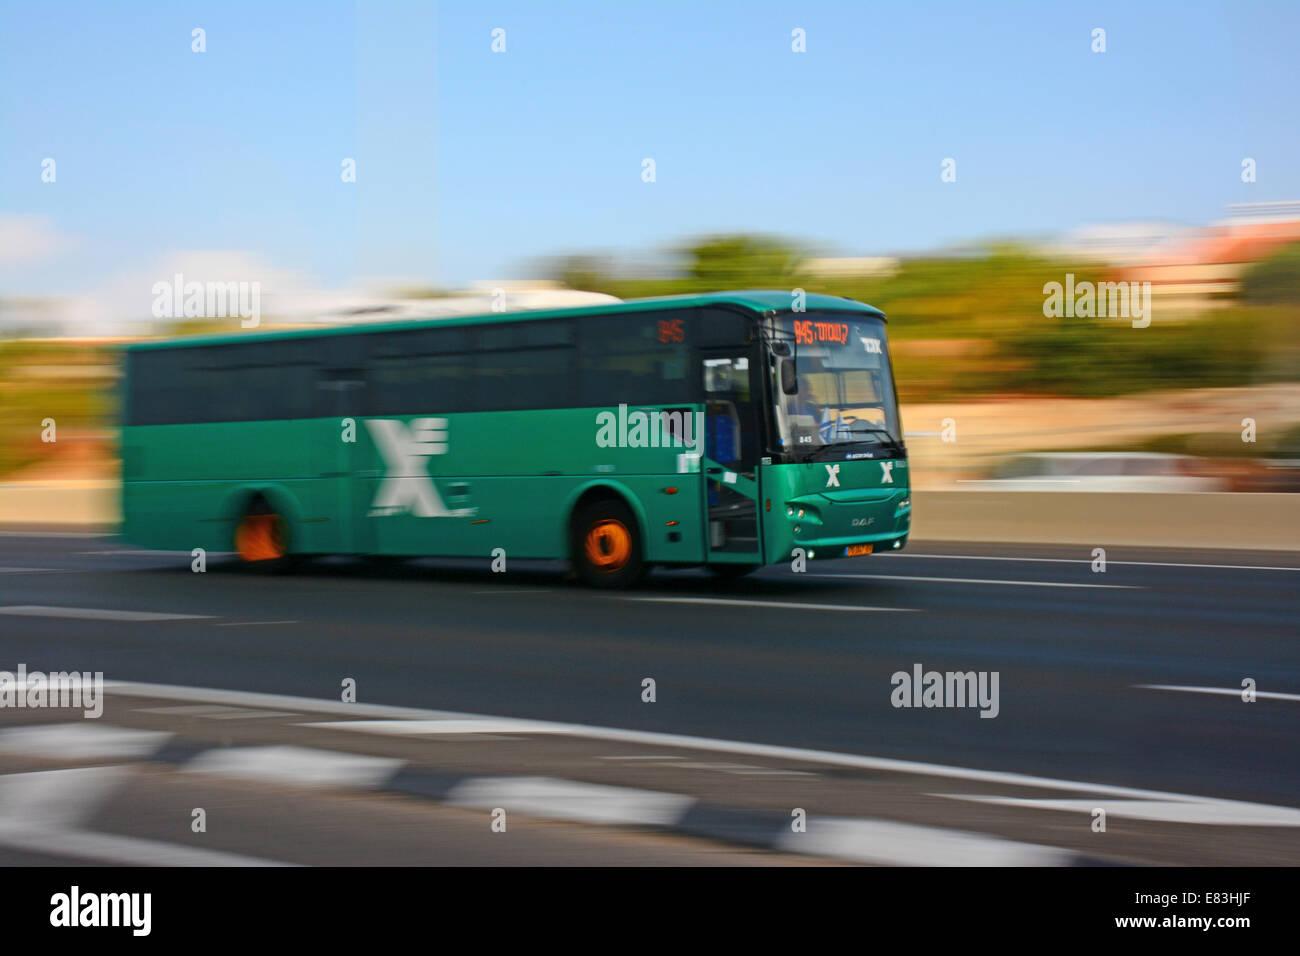 Egged bus, Israeli transport company - Stock Image